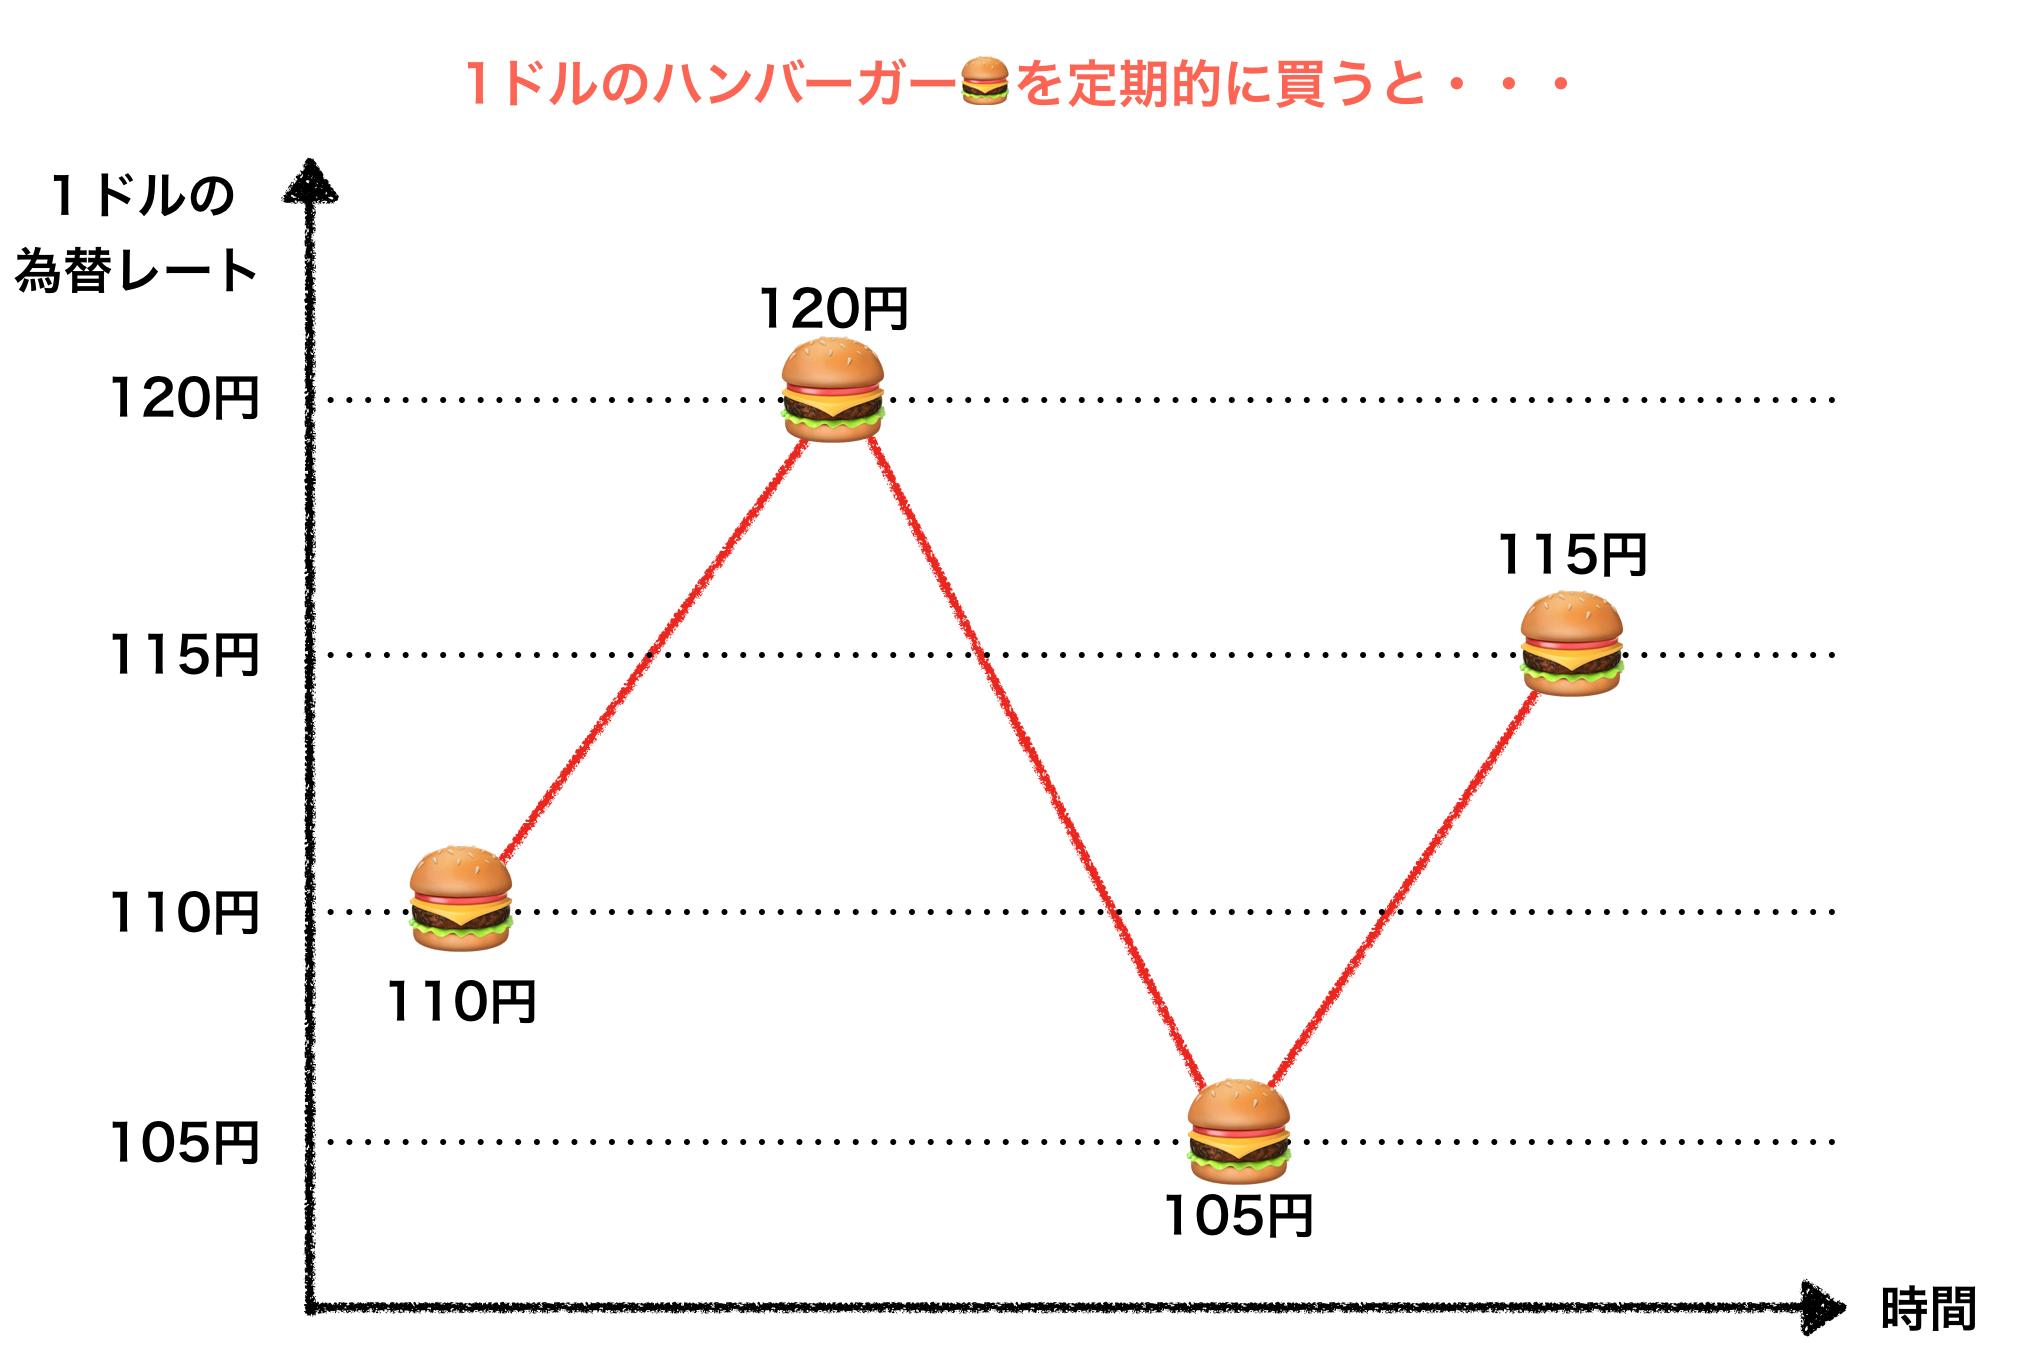 ハンバーガーの価格は固定